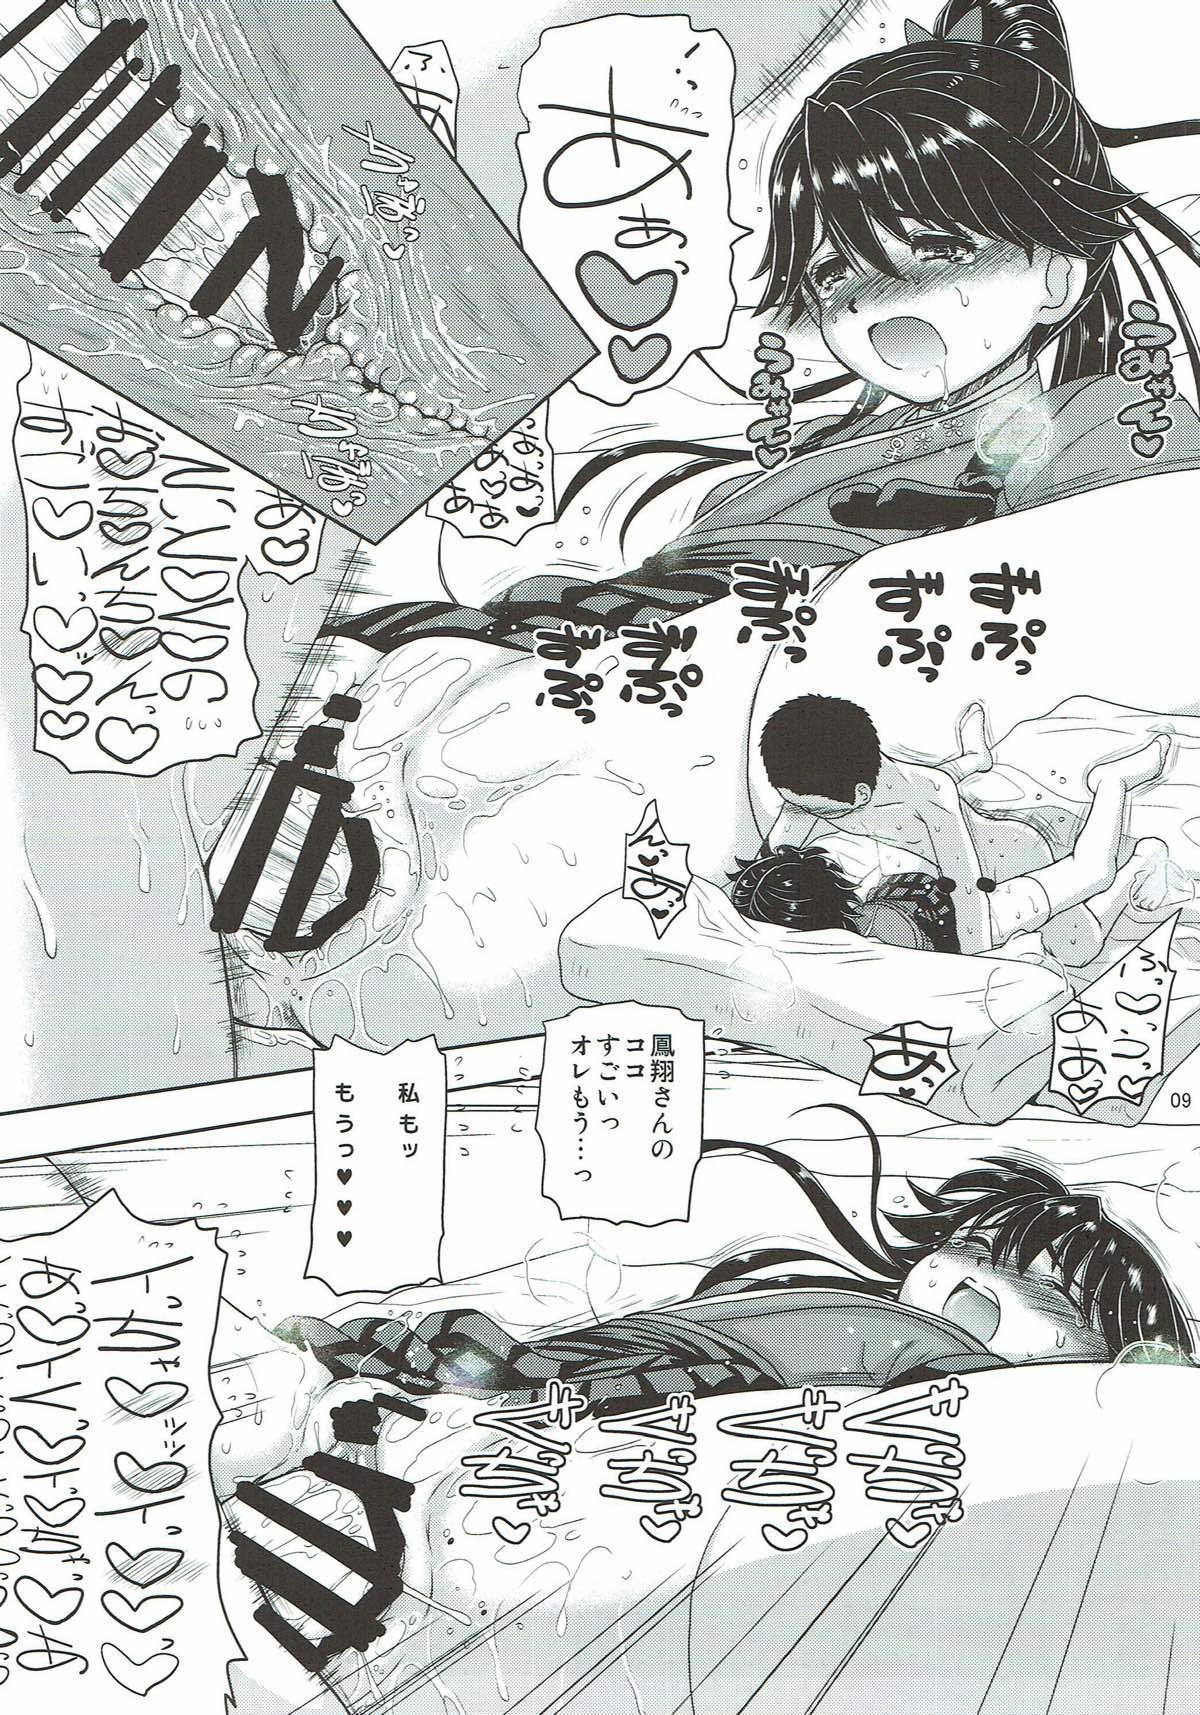 Houshou-san ga Durun Durun ni Yotte Shimattanode 7